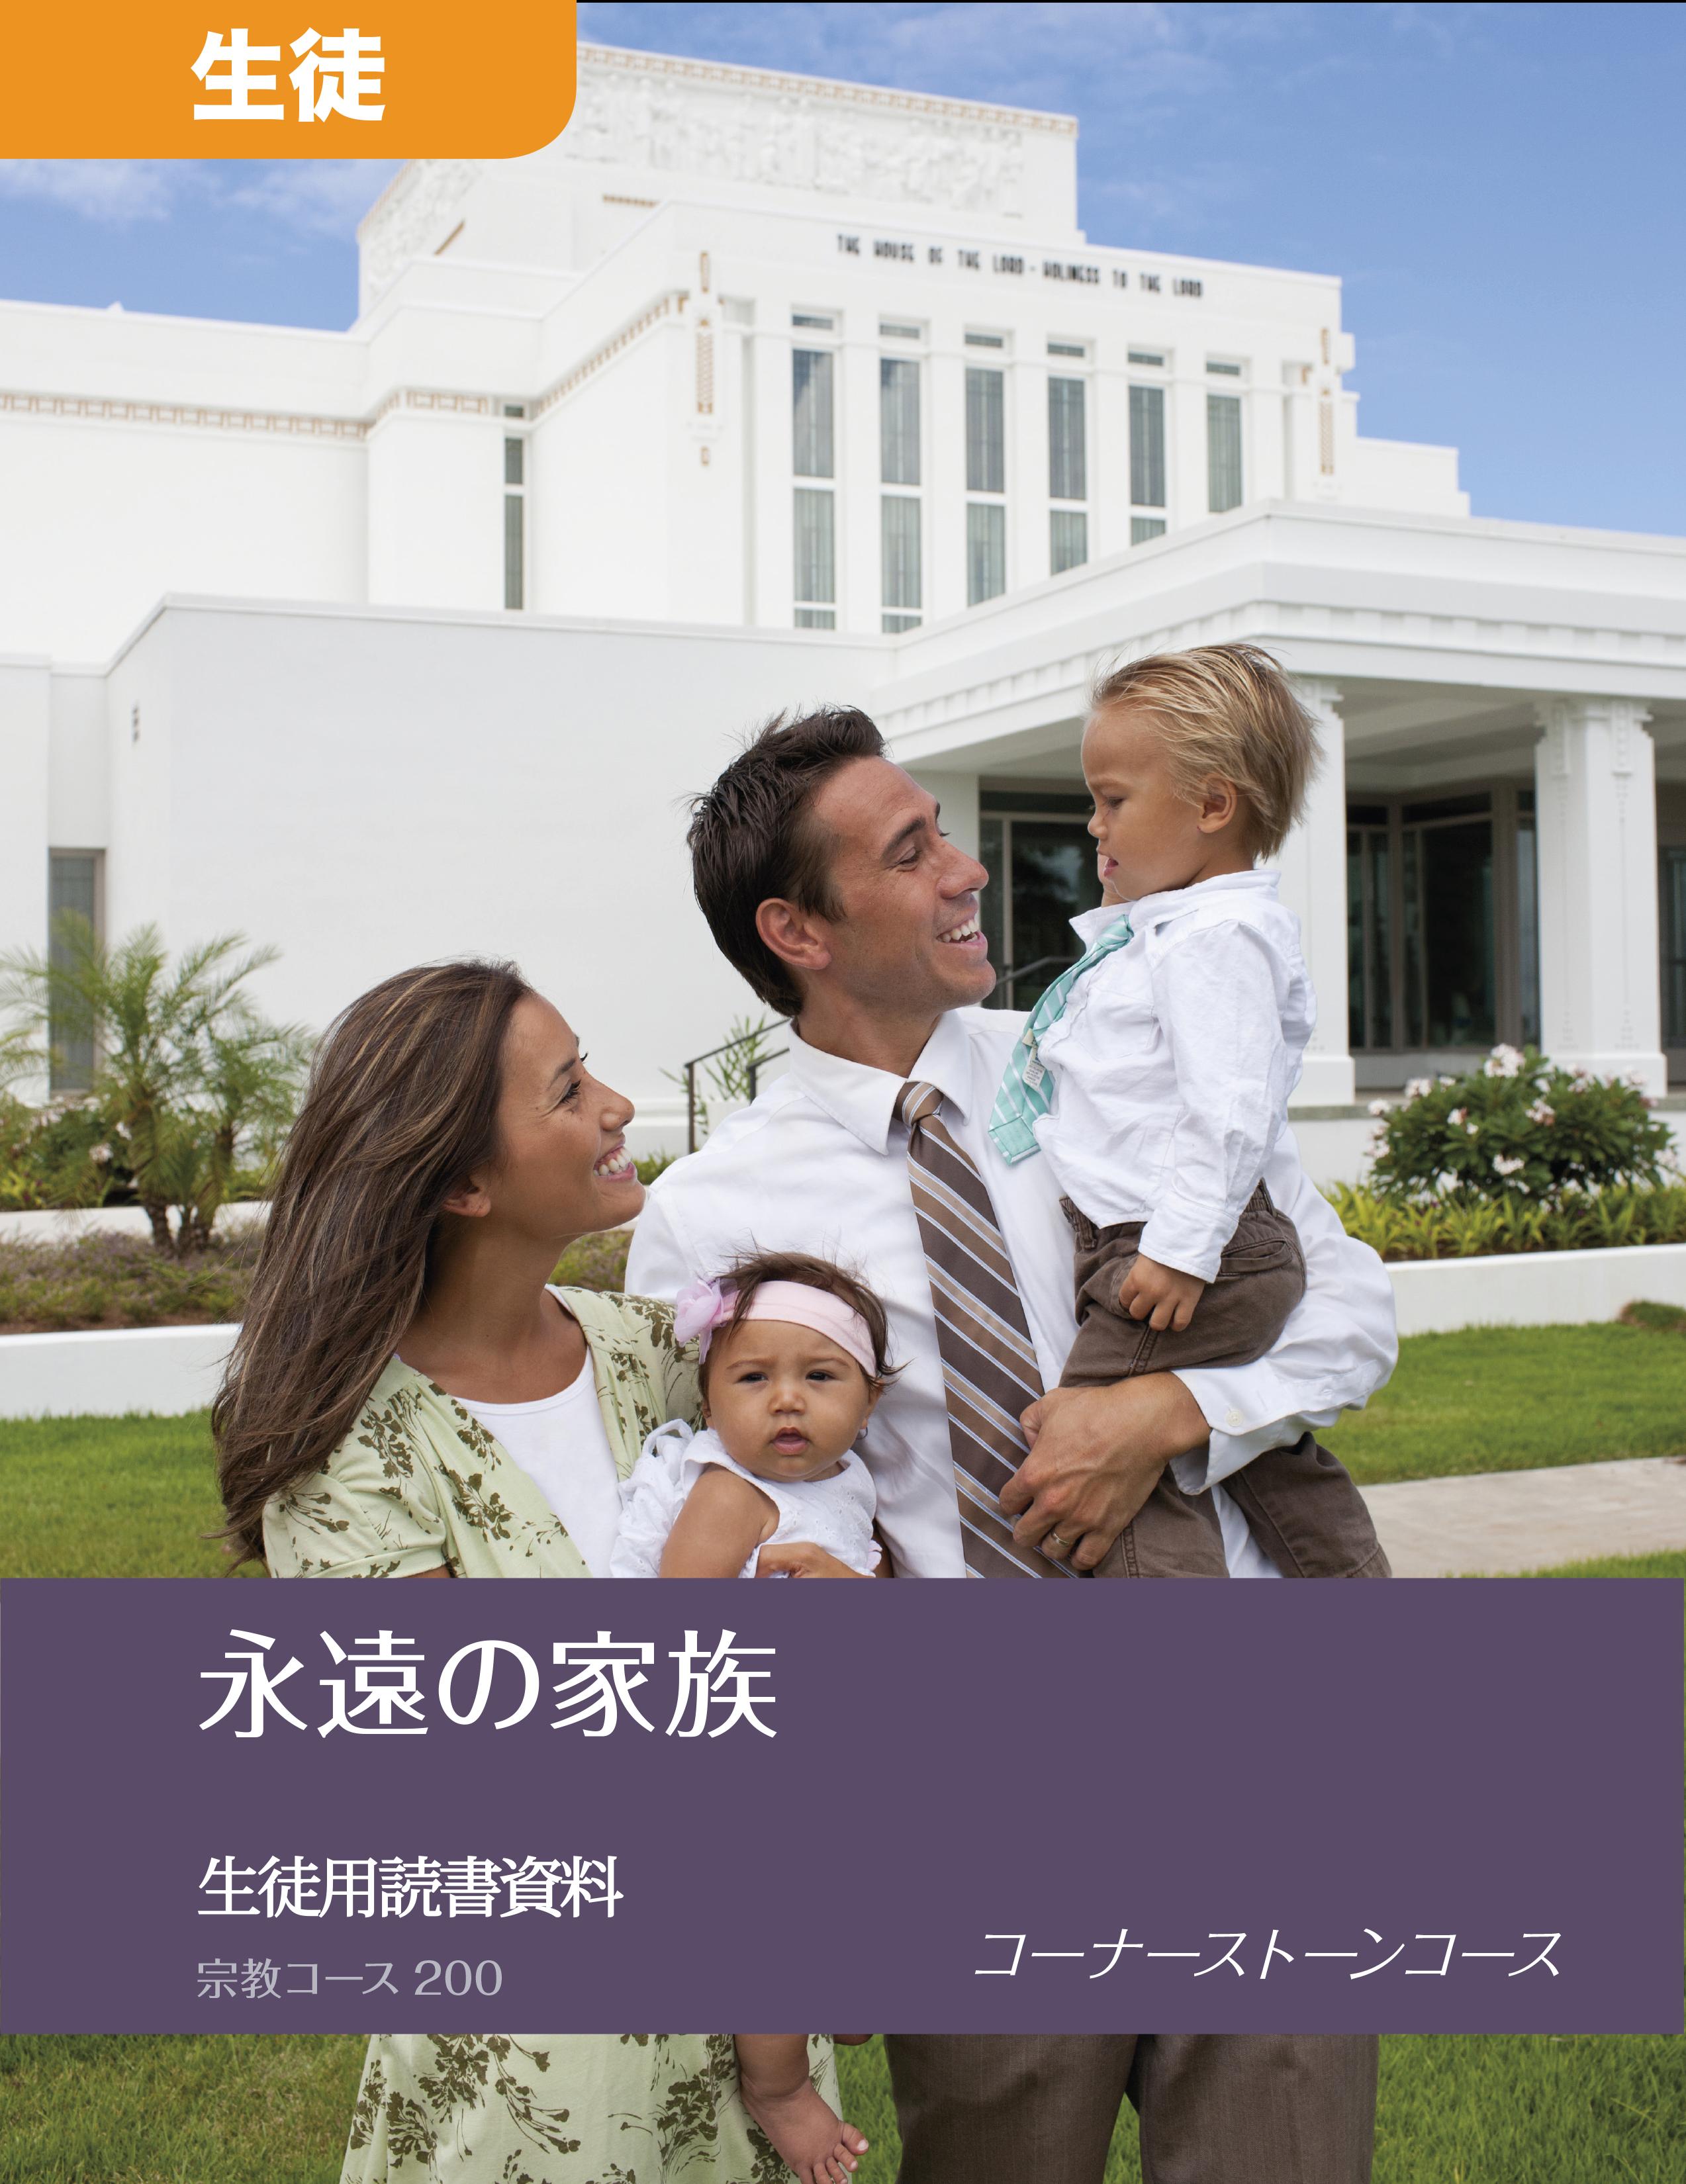 『永遠の家族 生徒用読書課題』(宗教200)